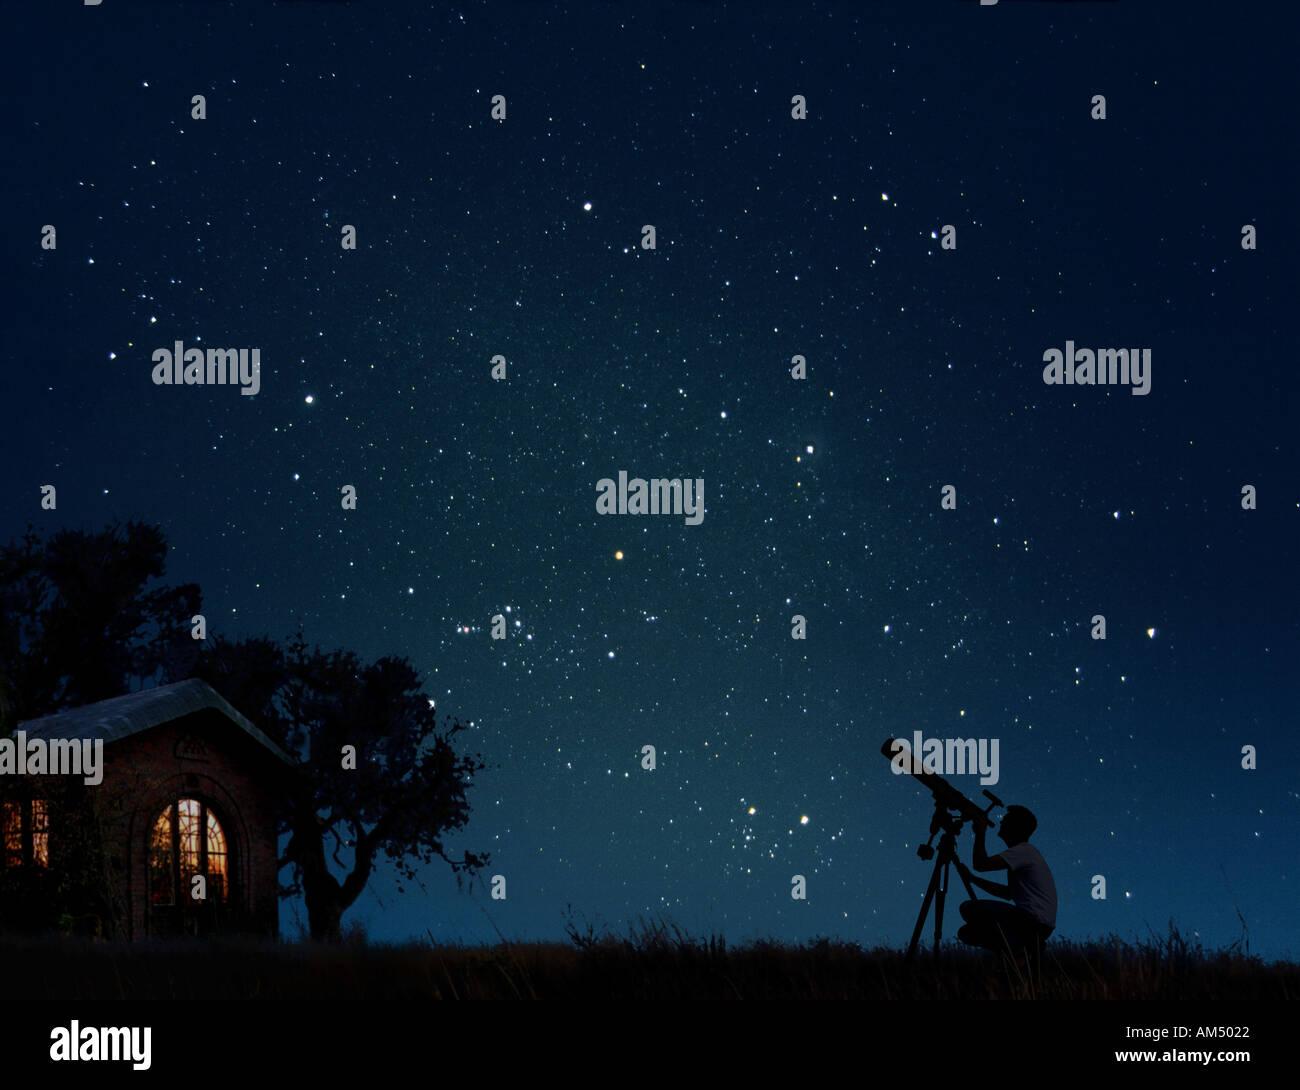 Uomo con telescopio a guardare le stelle di notte nel suo cortile Immagini Stock